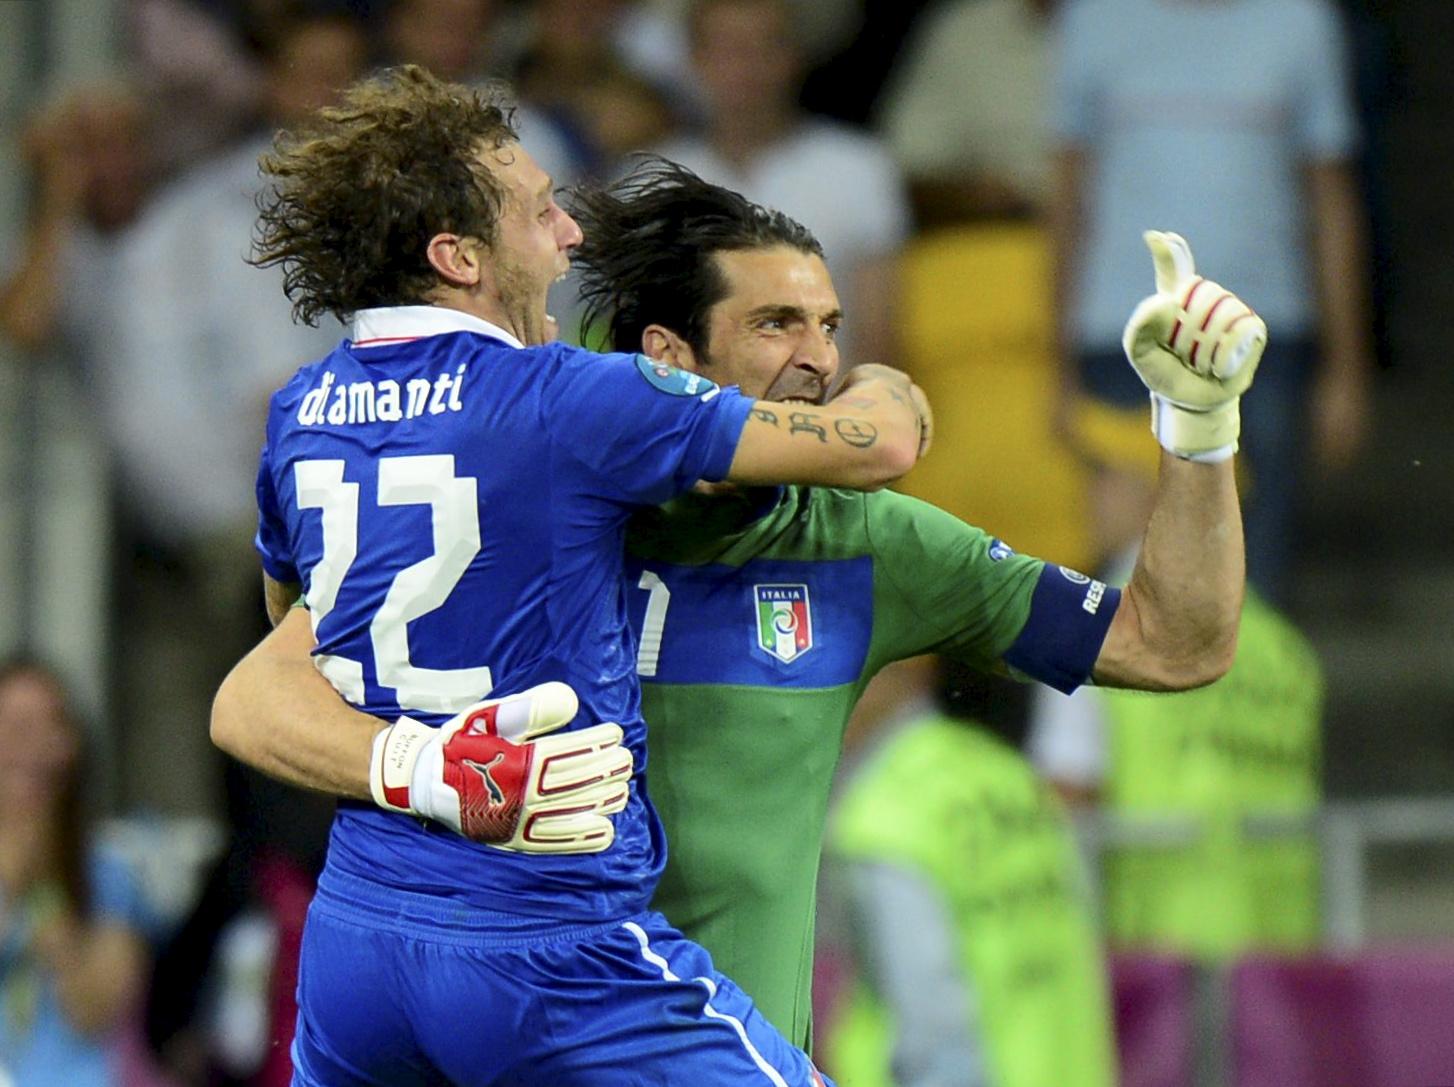 Italien schießt sich mit Elfmetersieg ins EM-Halbfinale